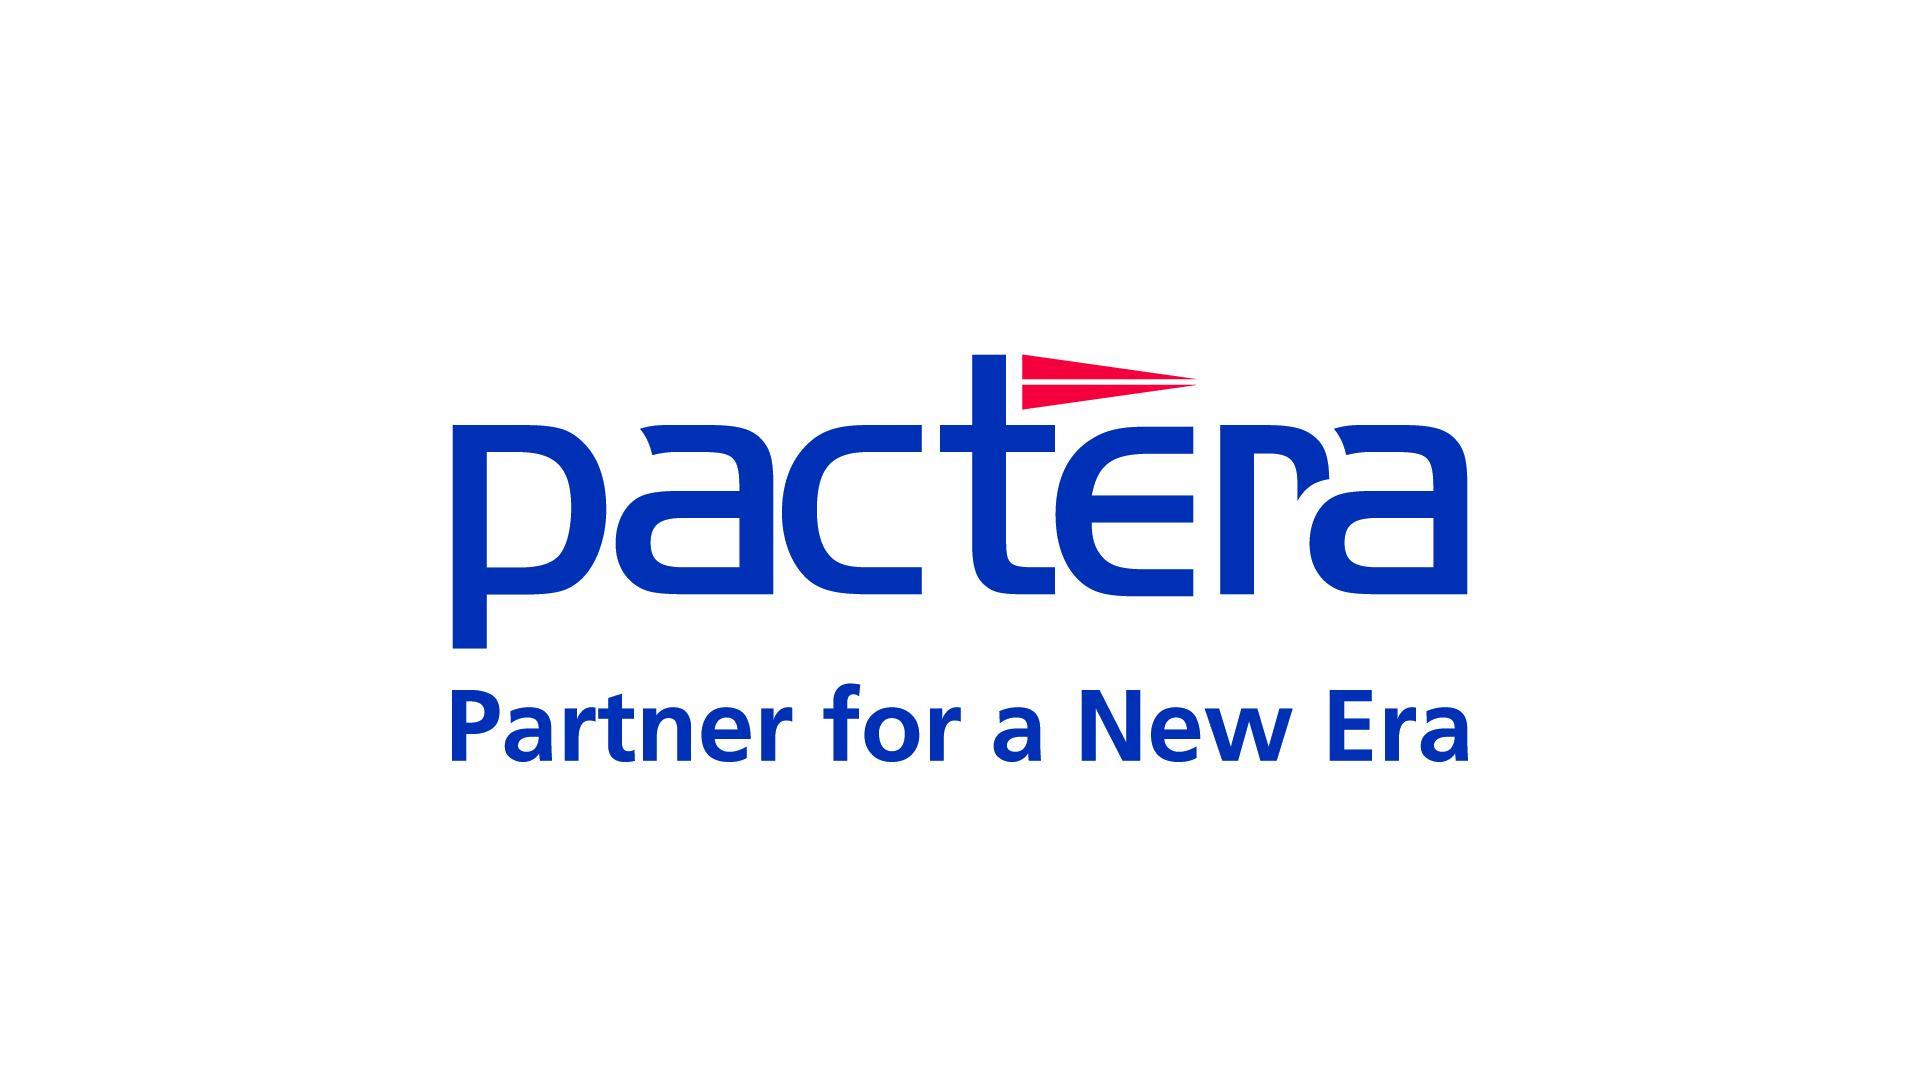 パクテラ・テクノロジー・ジャパン株式会社